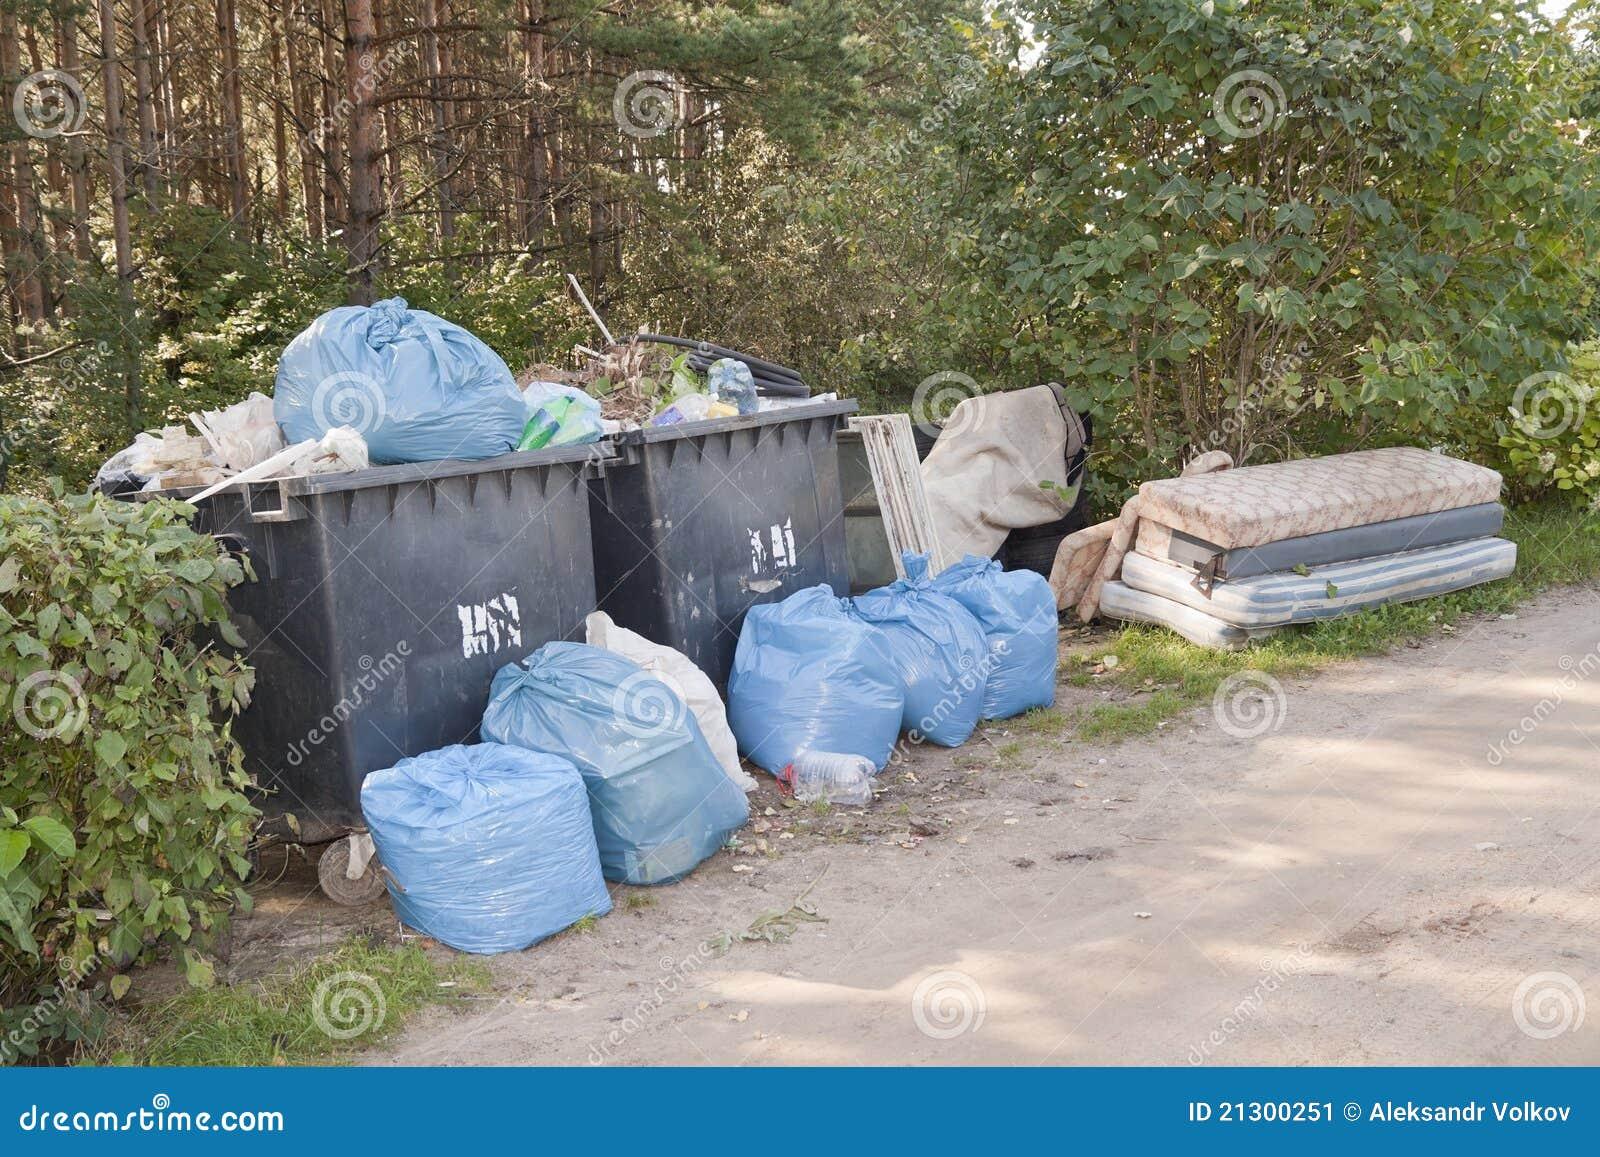 Stockbild: haufen des abfall- und haushaltsabfalls im wald